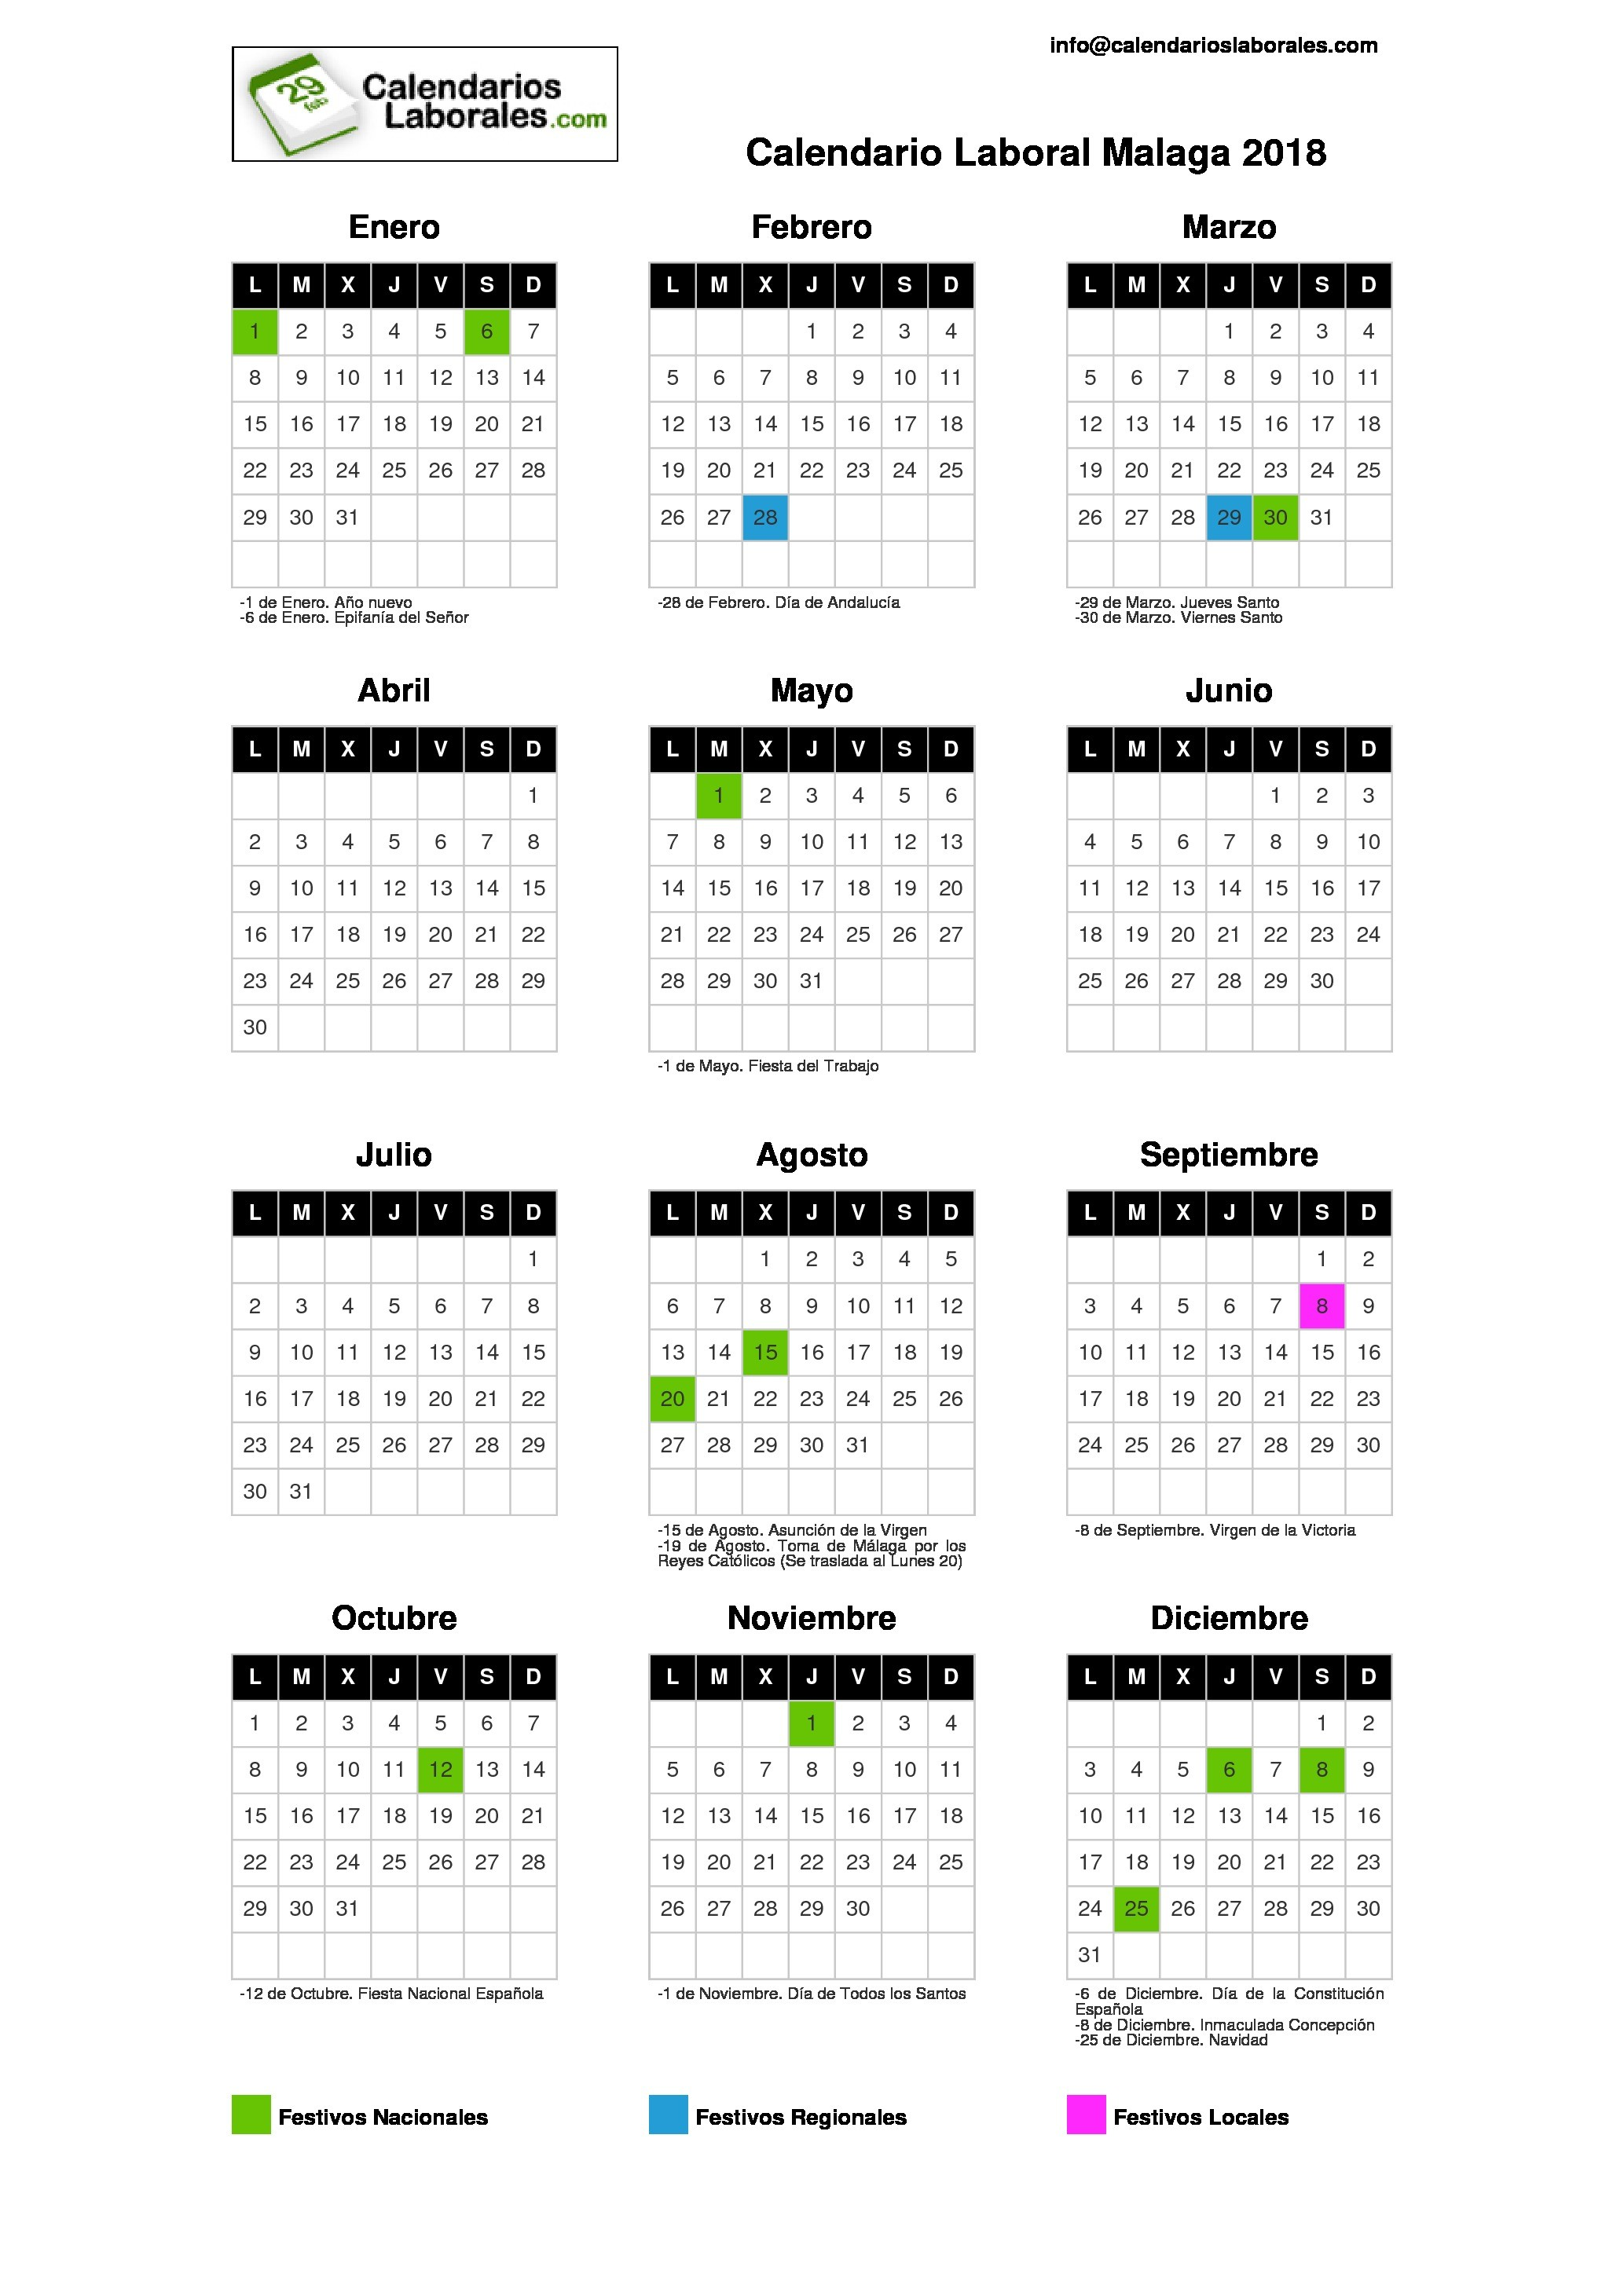 Calendario 2019 Festivos Malaga Más Recientemente Liberado Calendario Octubre 2018 Colombia T